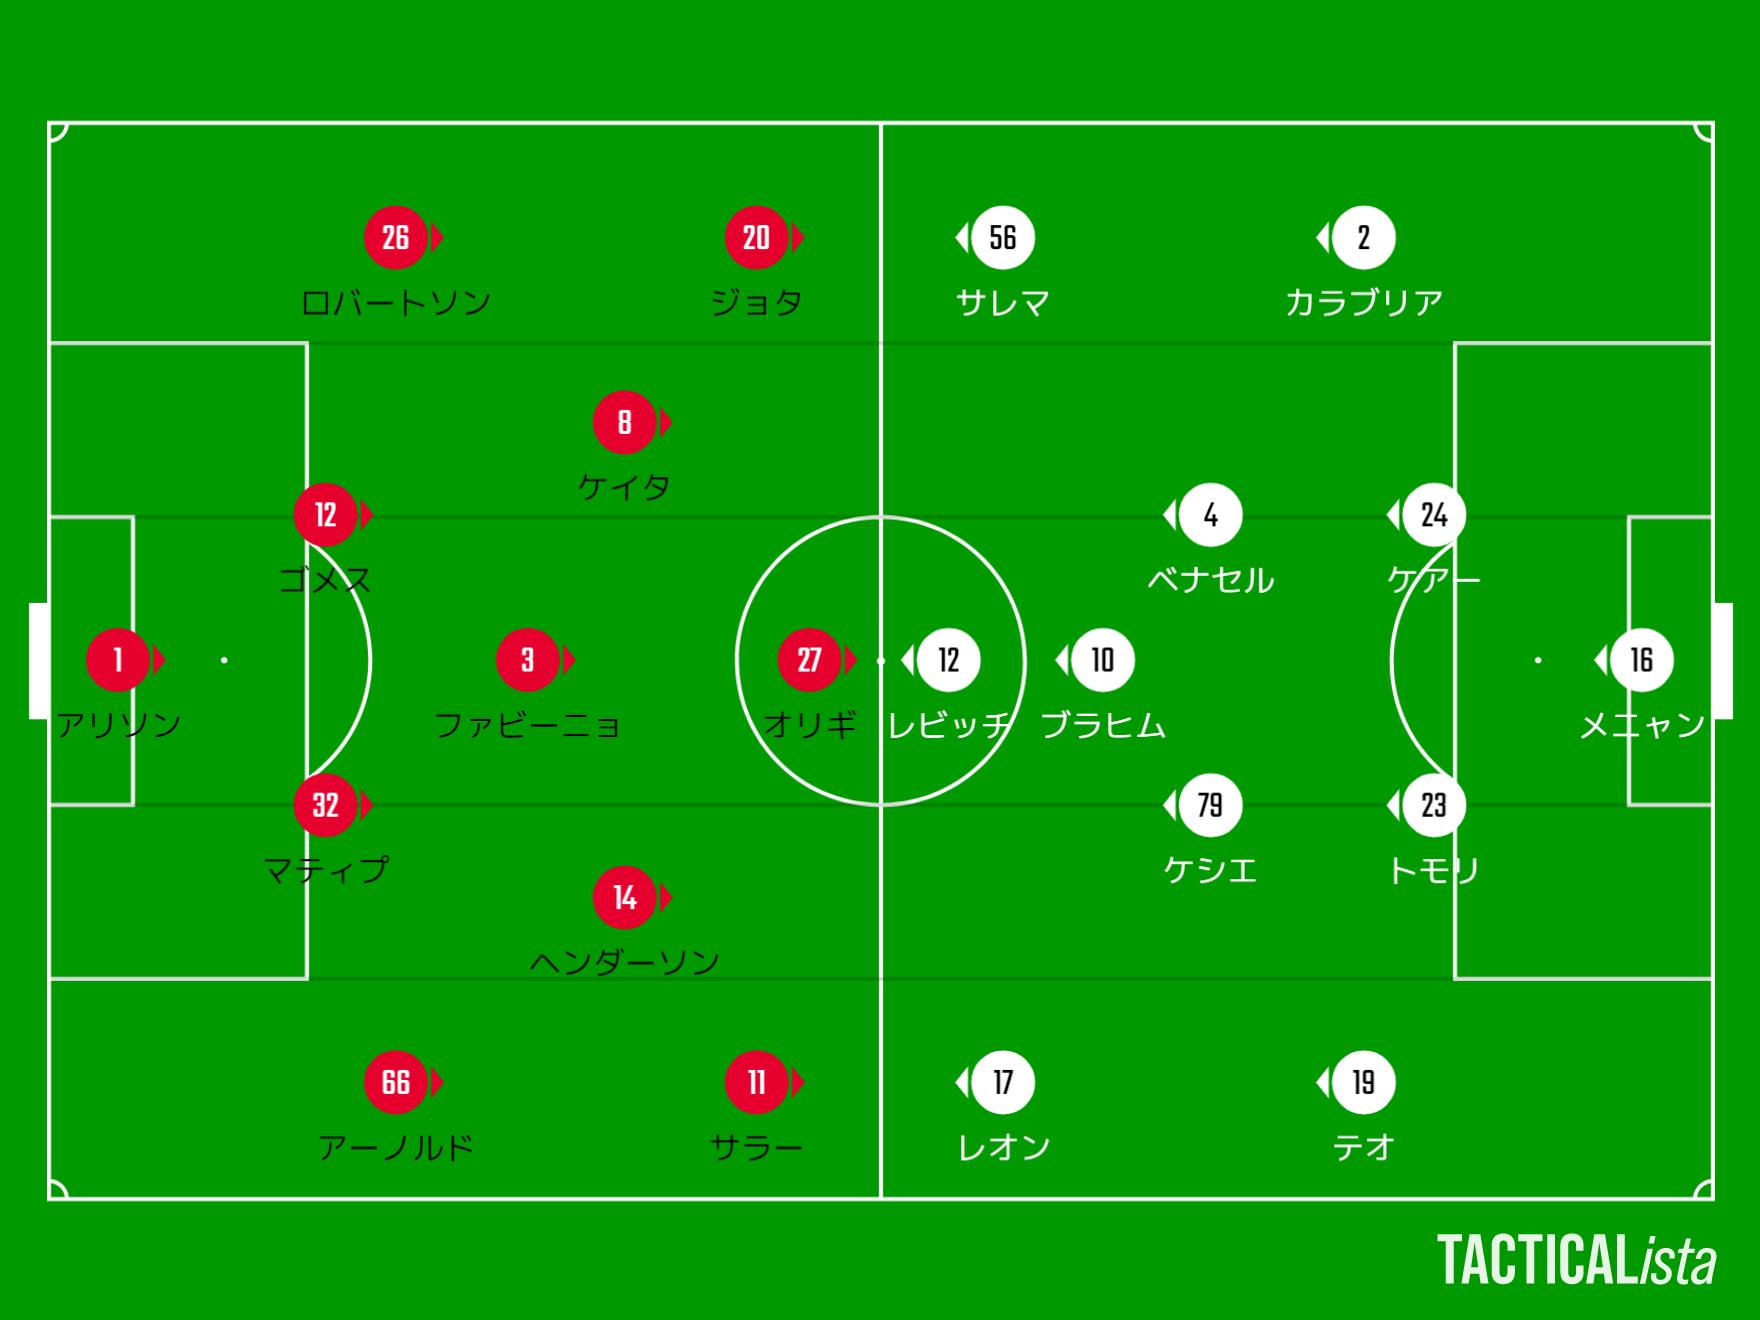 【21-22シーズン】リバプール対ミラン_スタメンTACTICALista_202191930